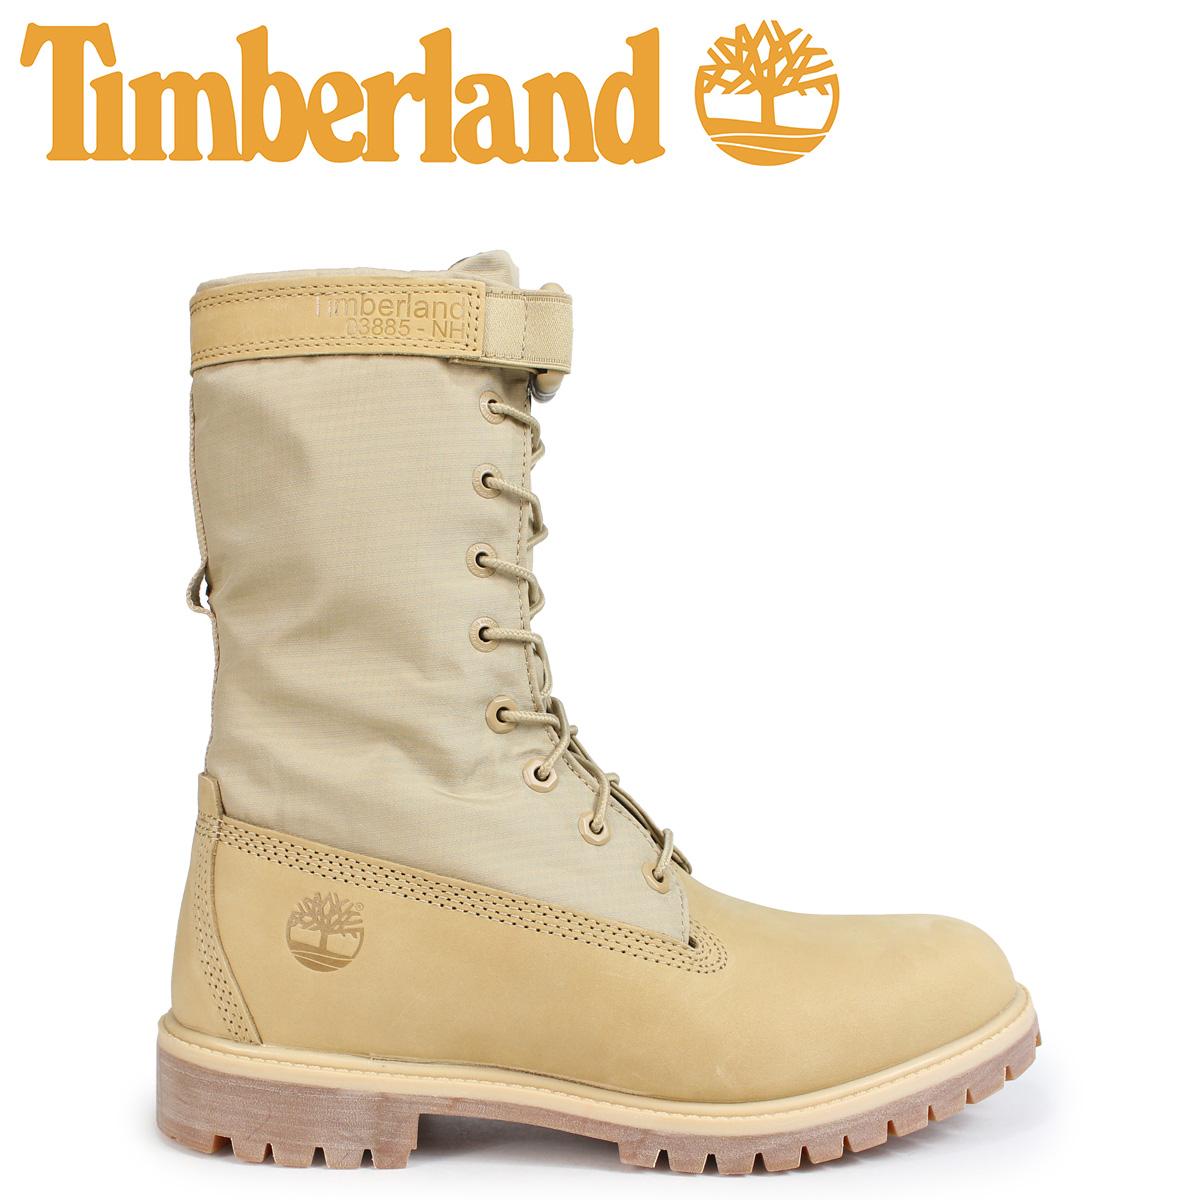 Timberland ブーツ メンズ 6インチ ティンバーランド 6-INCH PREMIUM GAITER BOOTS A1UBE Wワイズ ライトベージュ